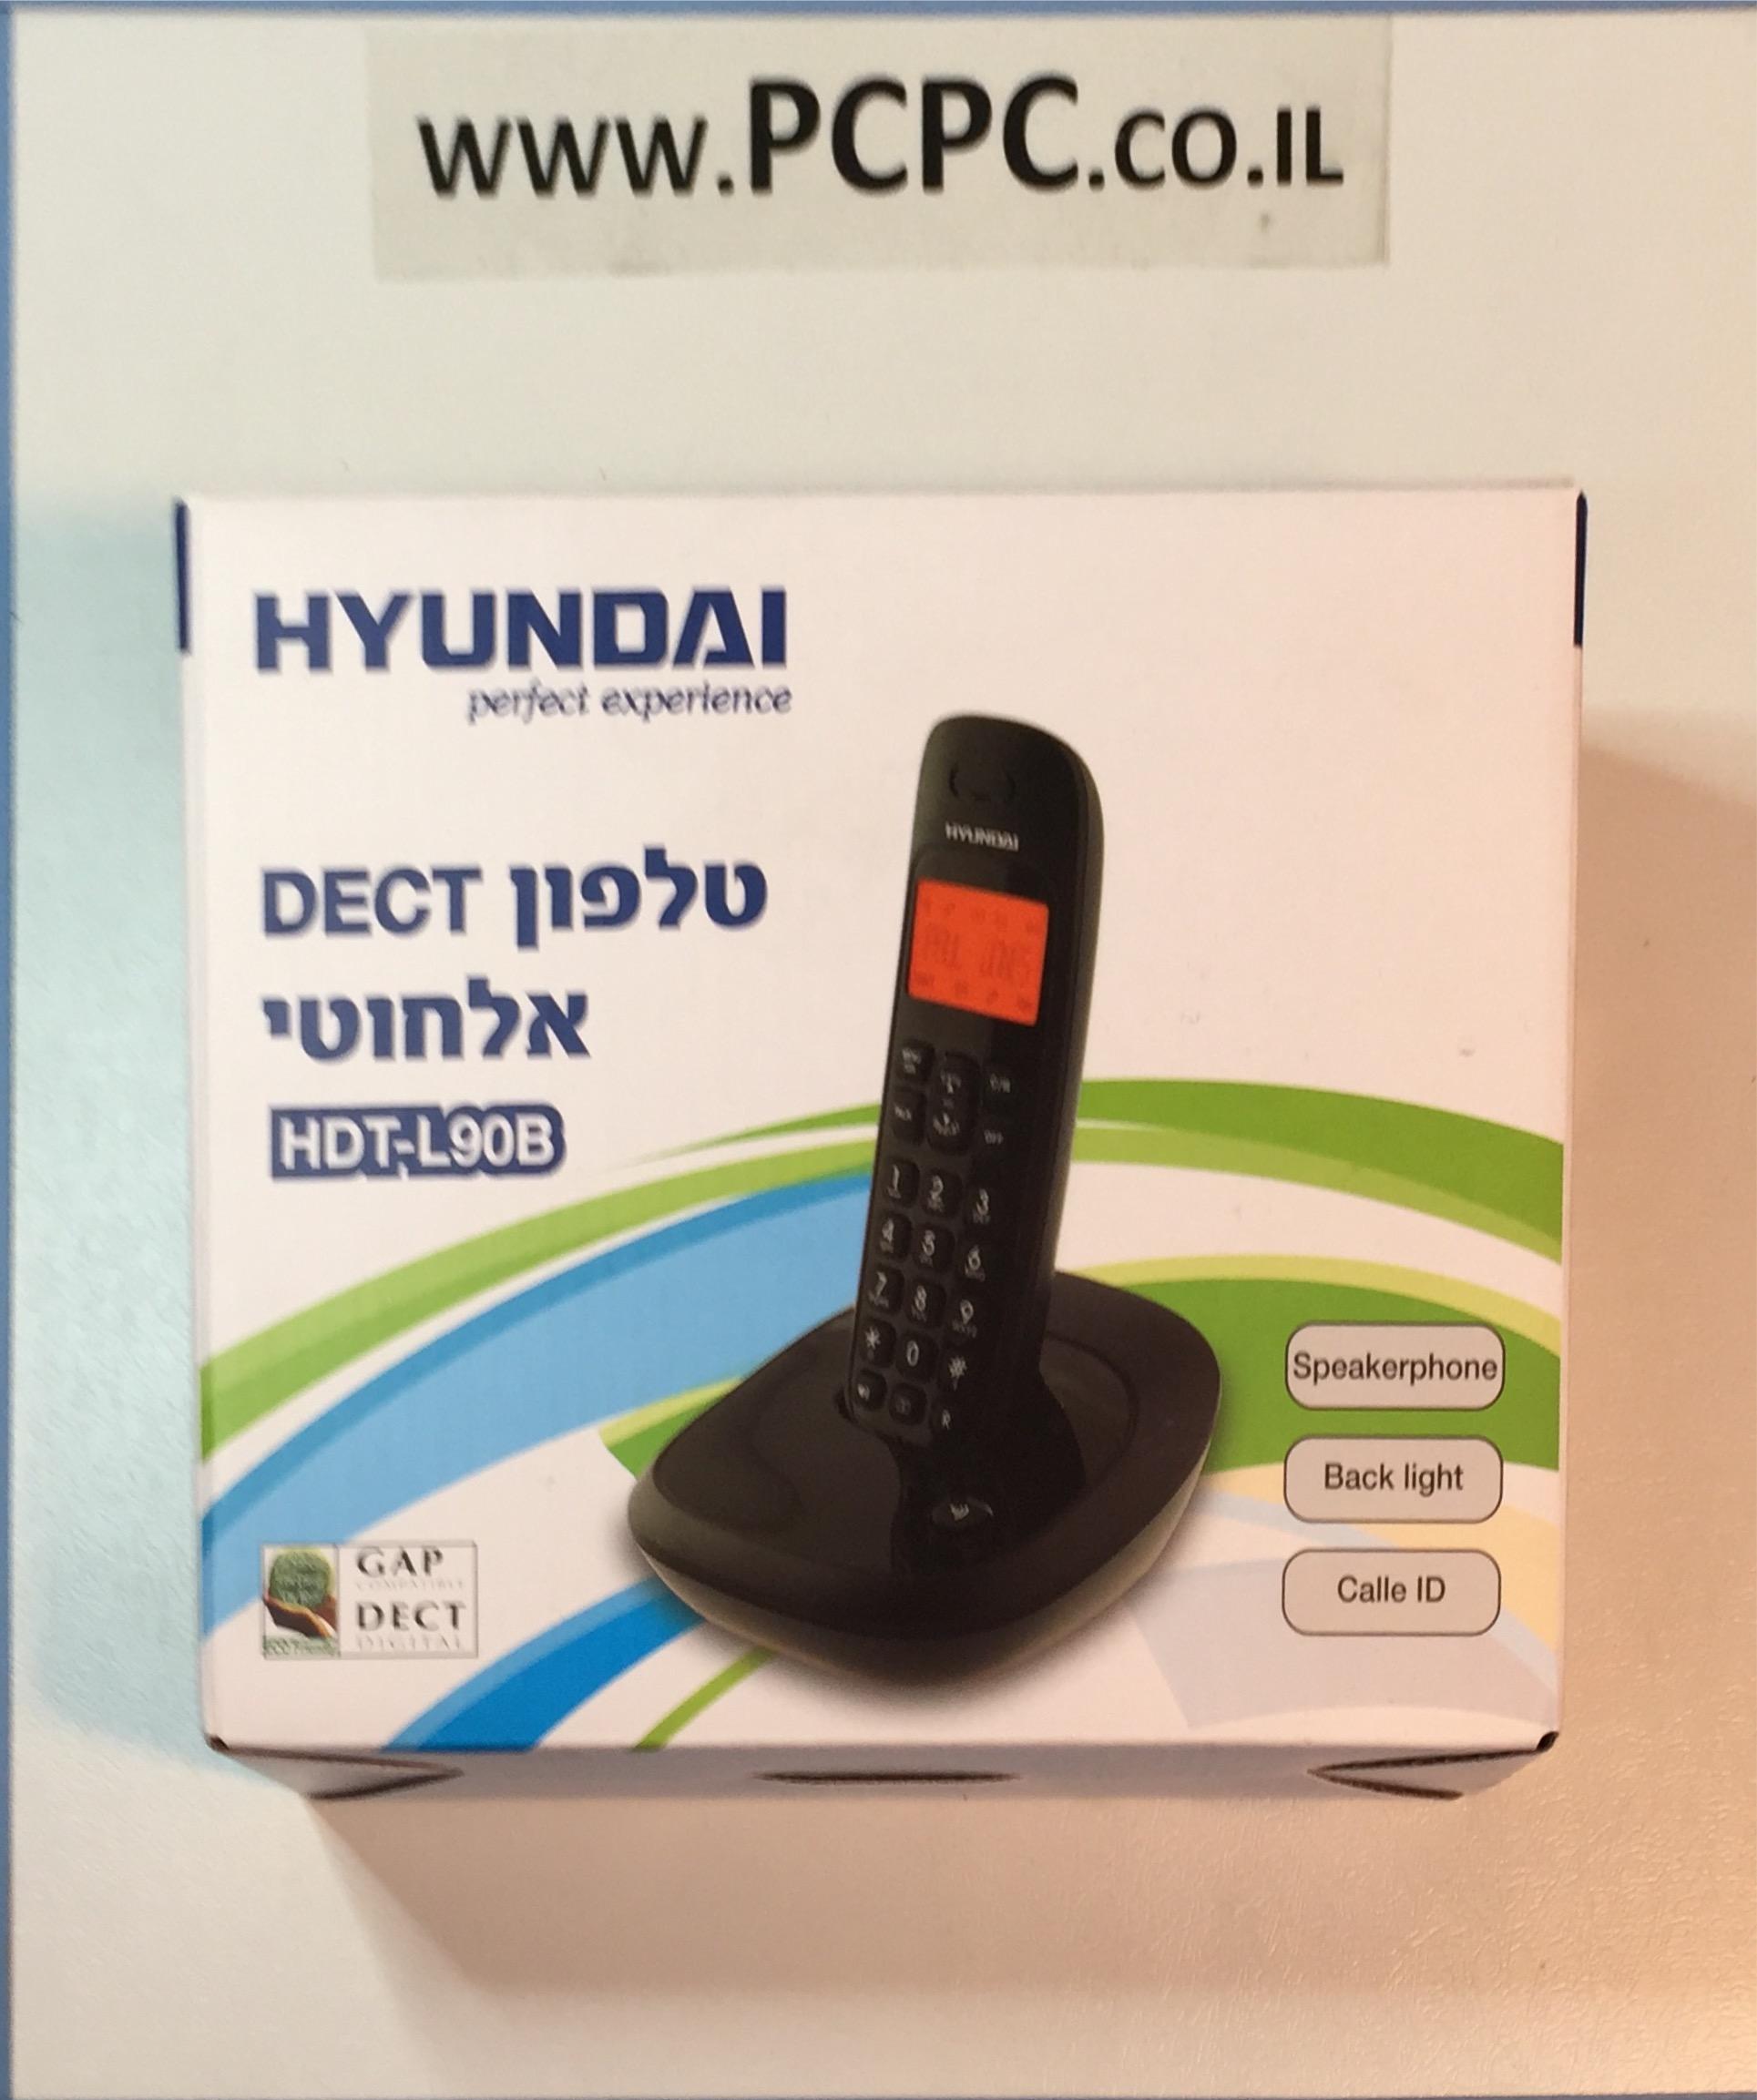 טלפון אלחוטי דקורטיבי שחור דיבורית תאורה HDT-L90B